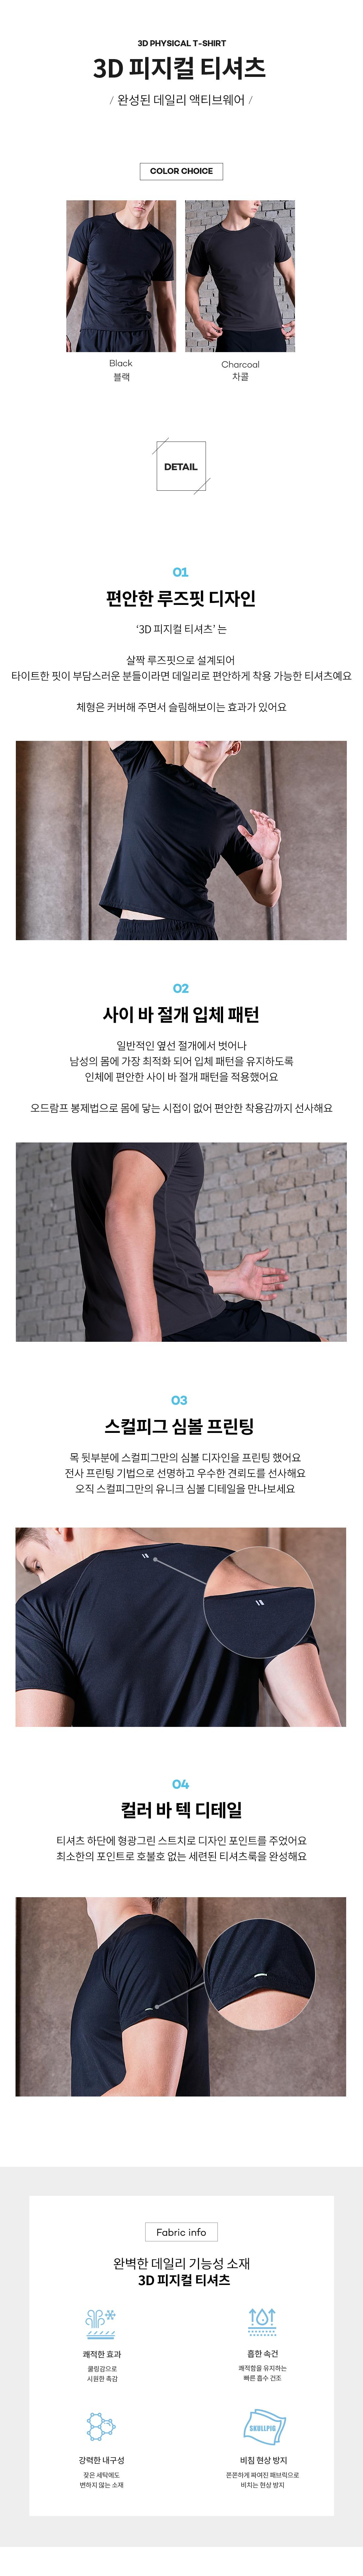 스컬피그(SKULLPIG) SAM6016 3D 피지컬 티셔츠 블랙